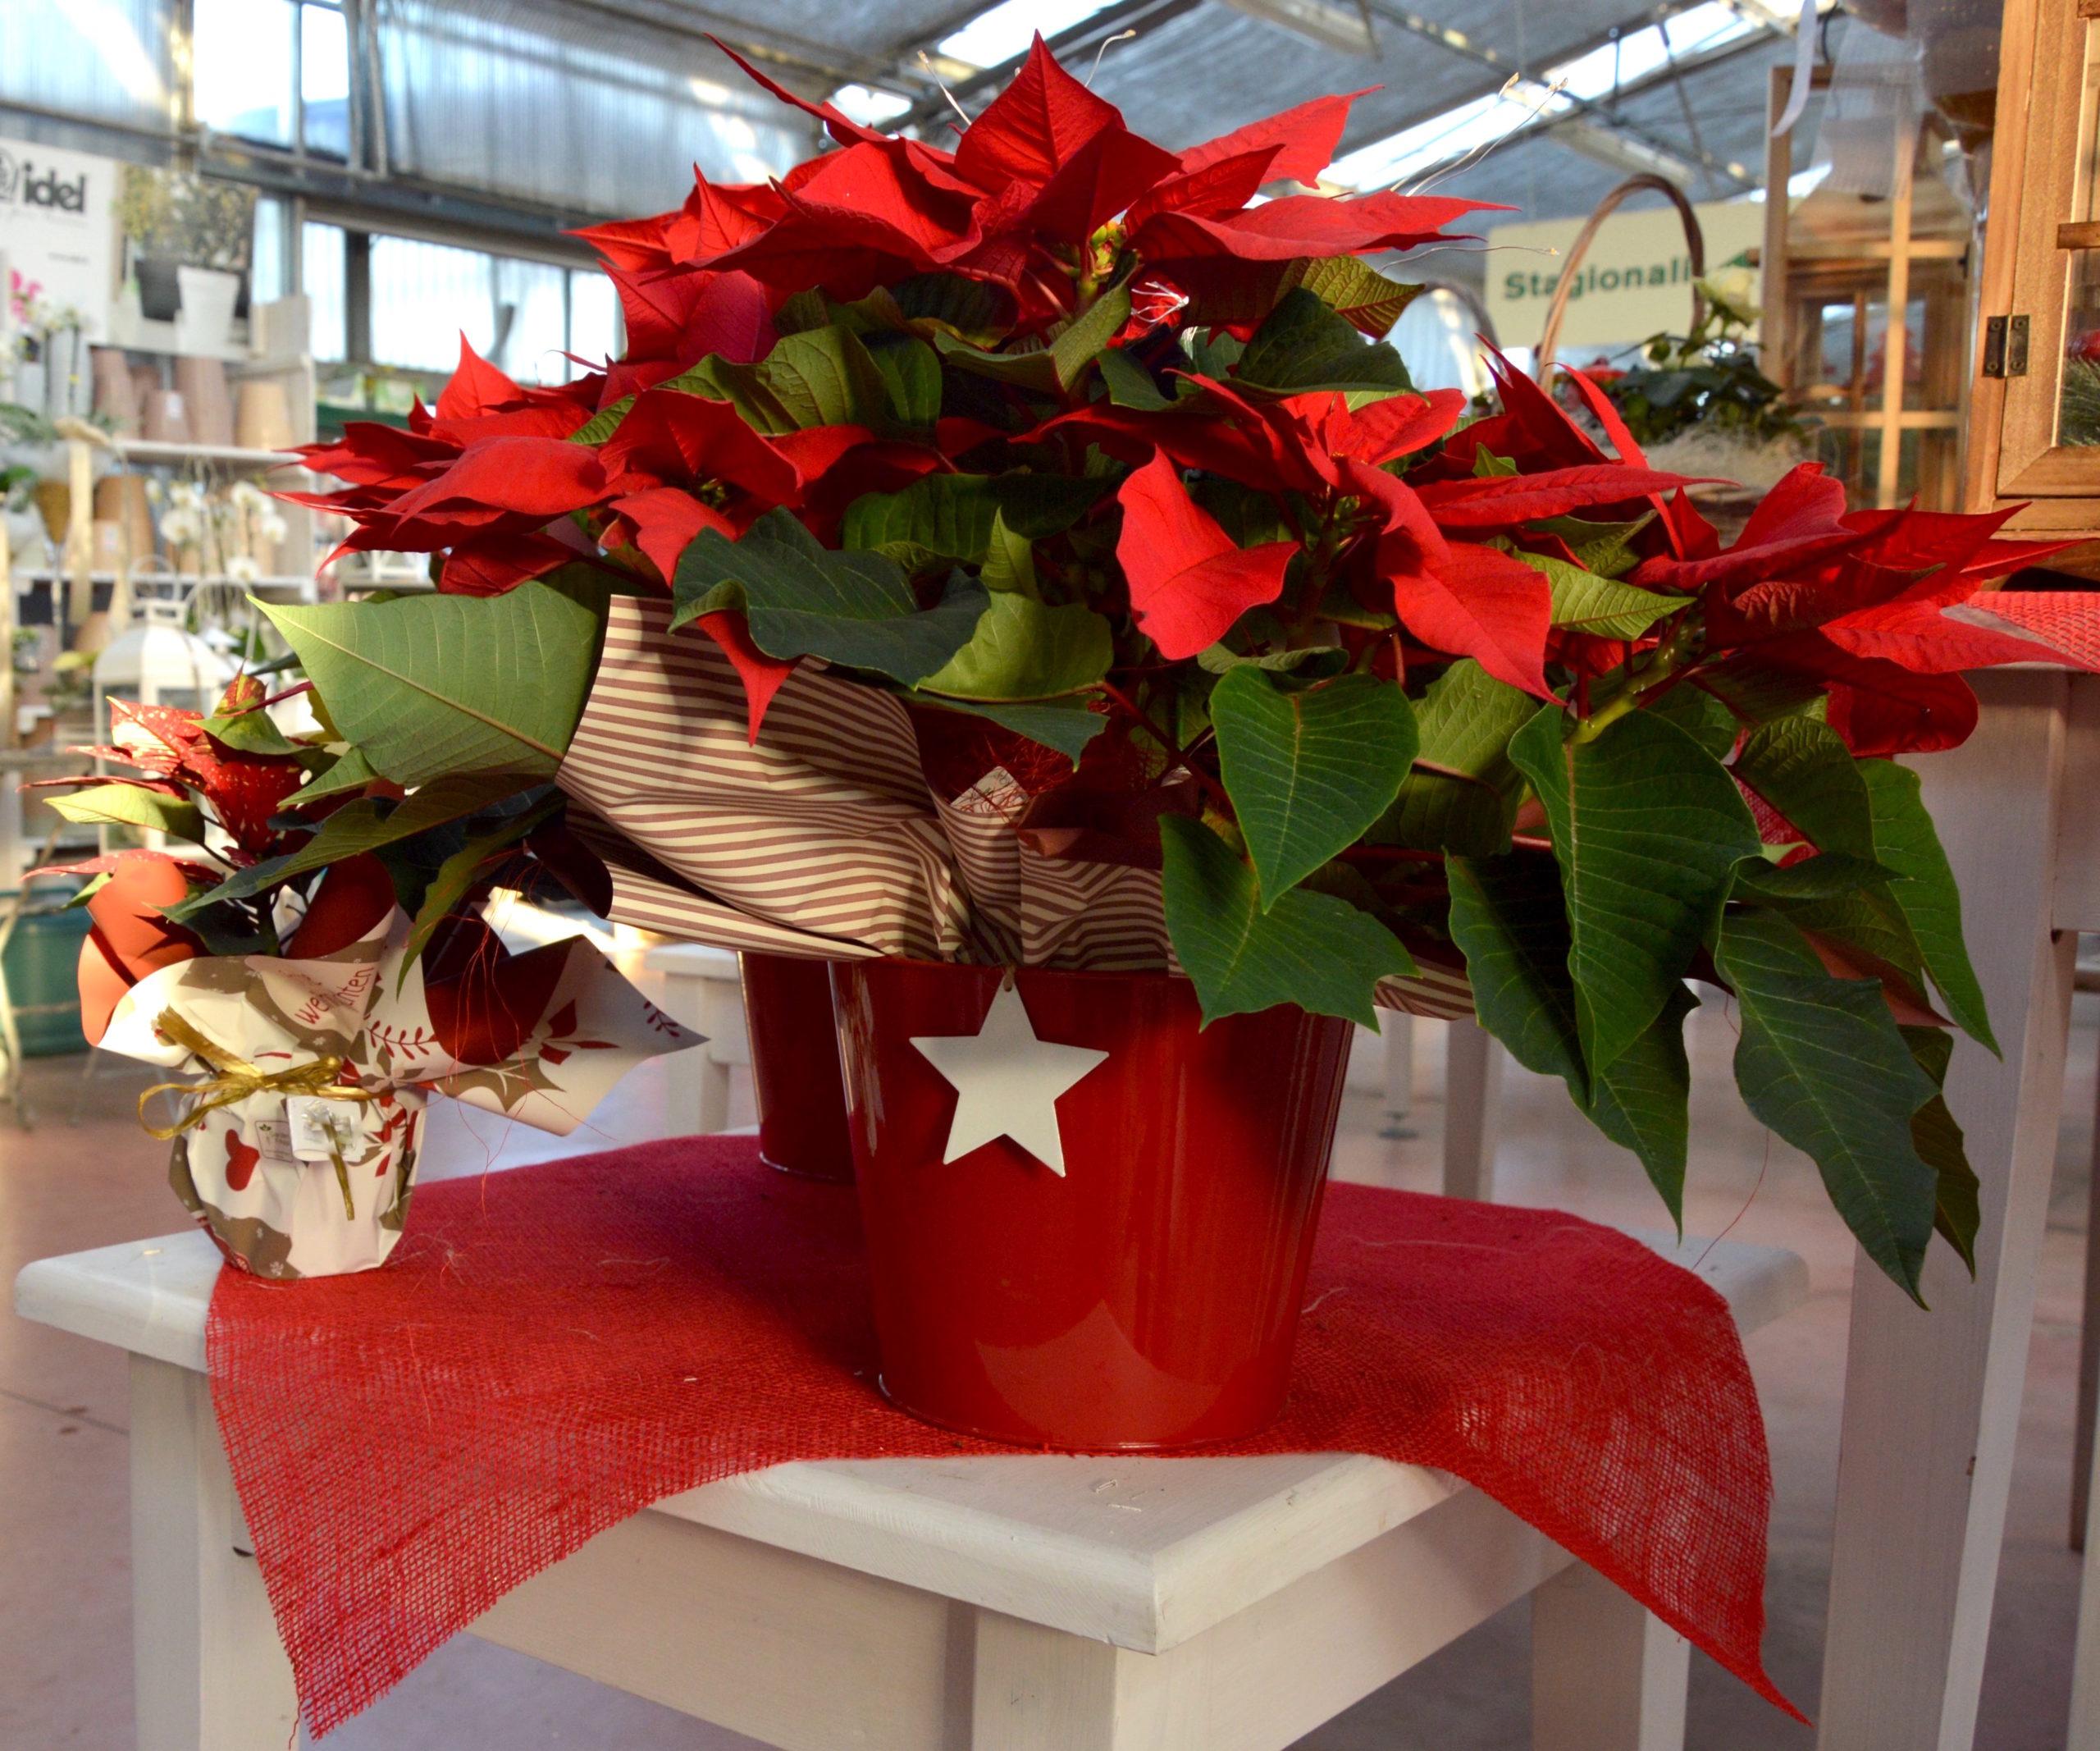 Foto Stella Di Natale.Il Significato Della Stella Di Natale Garden Filippi Ssa